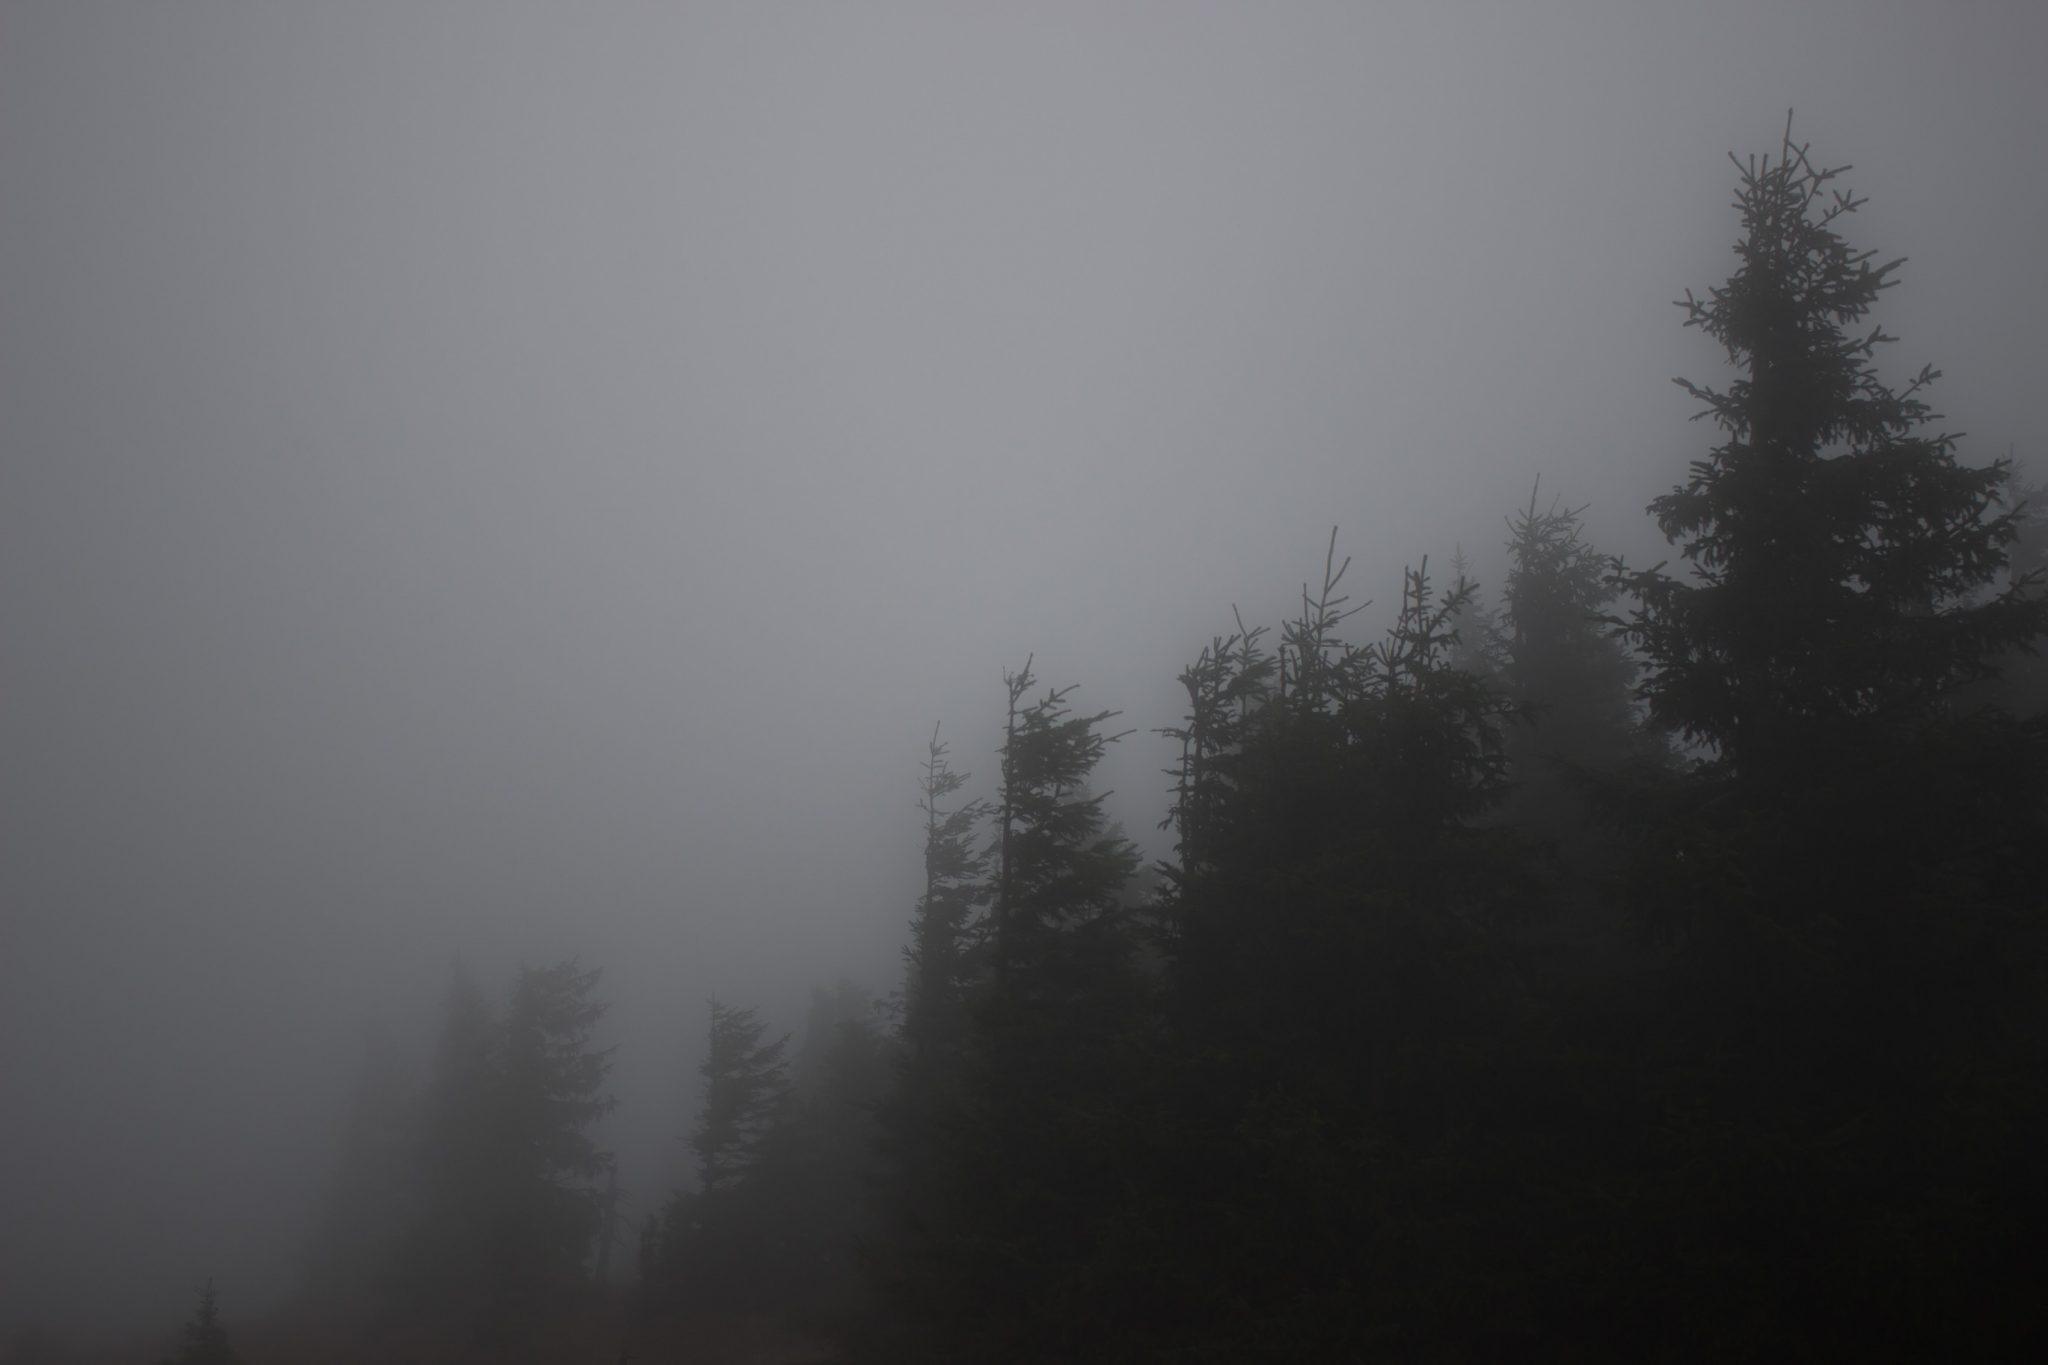 Wanderung Brocken über Heinrich-Heine-Weg Start in Ilsenburg, Nationalpark Harz, triste Stimmung, Weg zum Brocken über alte Militärstraße, ringsum Wald mit hohen Bäumen, regnerisch, sehr neblig, schöne einsame Atmosphäre